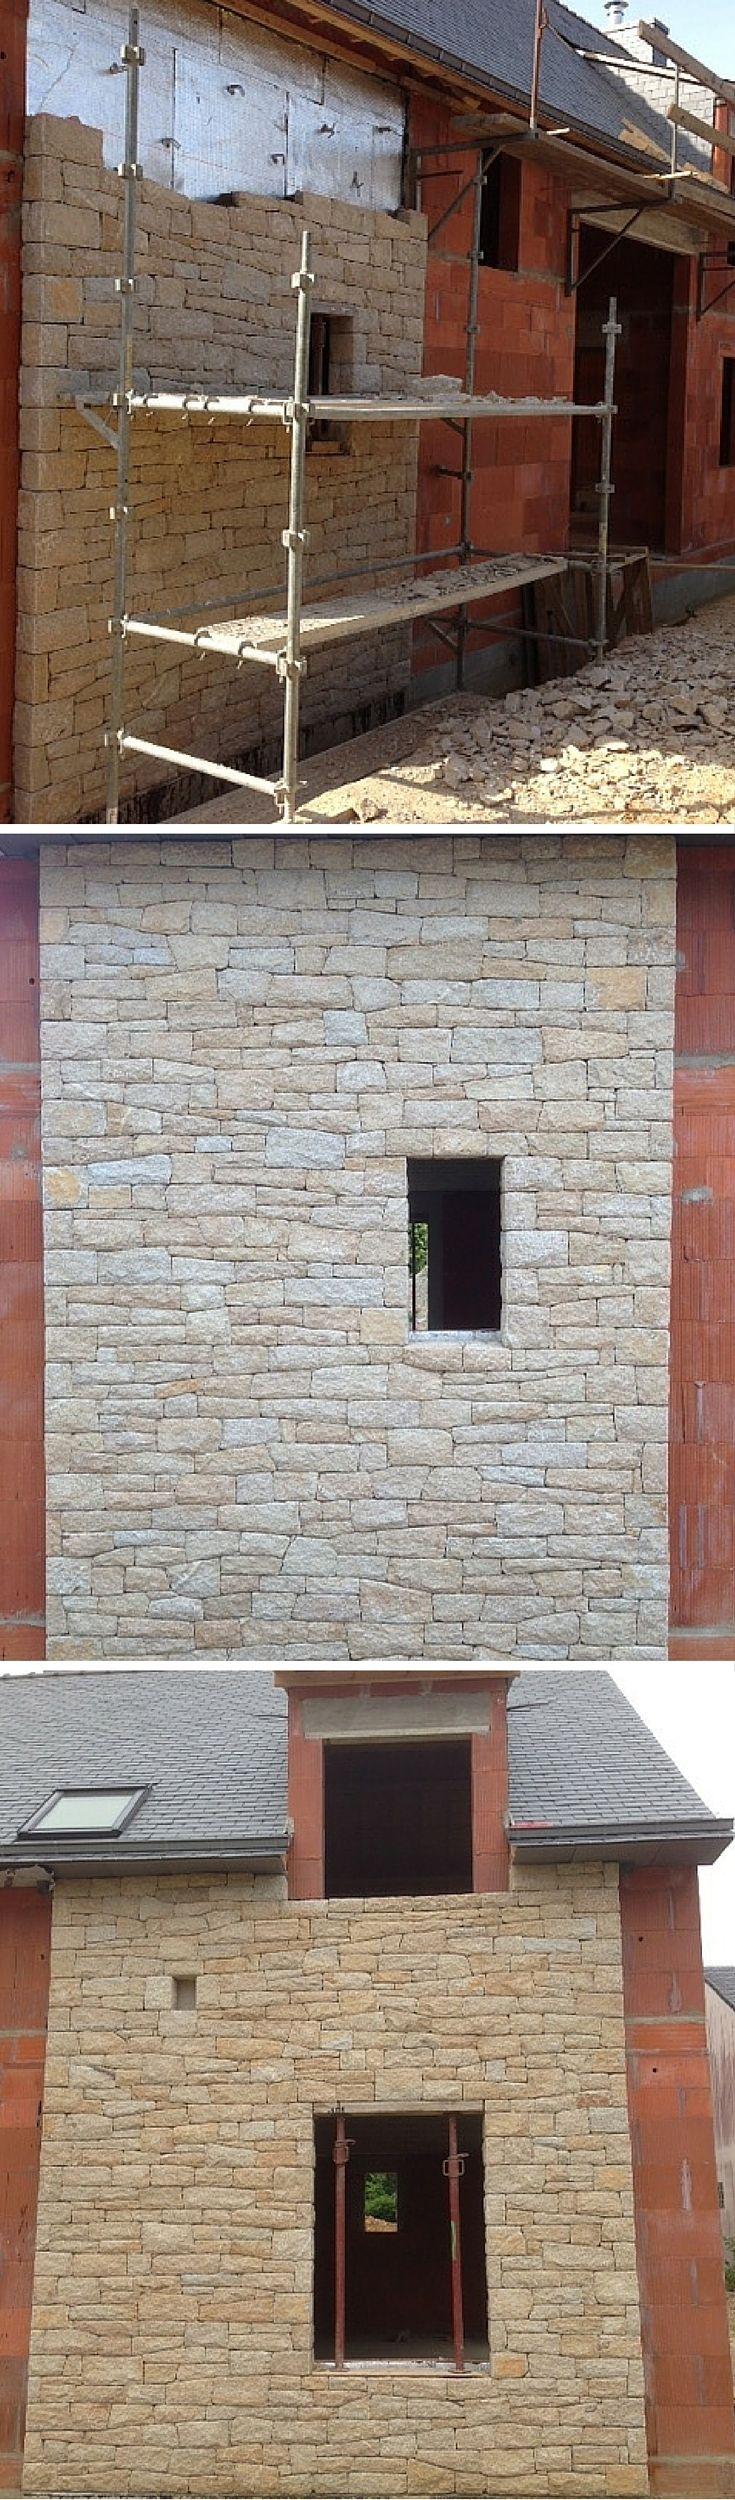 Chantier de Pierre Sèche. Parement en pierre naturelle (moëllon d'Elven) d'une façade. C'est un parement partiel composé de deux panneaux en pierre. Pose de pierre sèche brouillée  Pierre sèche = sans joint T80 par exemple Pose brouillée = mosaïque de pierres aux dimensions irrégulières posées à l'horizontale et verticale  Société Haroche Gwenaël, Auray, Lorient, Vannes (Morbihan) Maçonnerie Pierre #drystone #Pierre #façade #morbihan